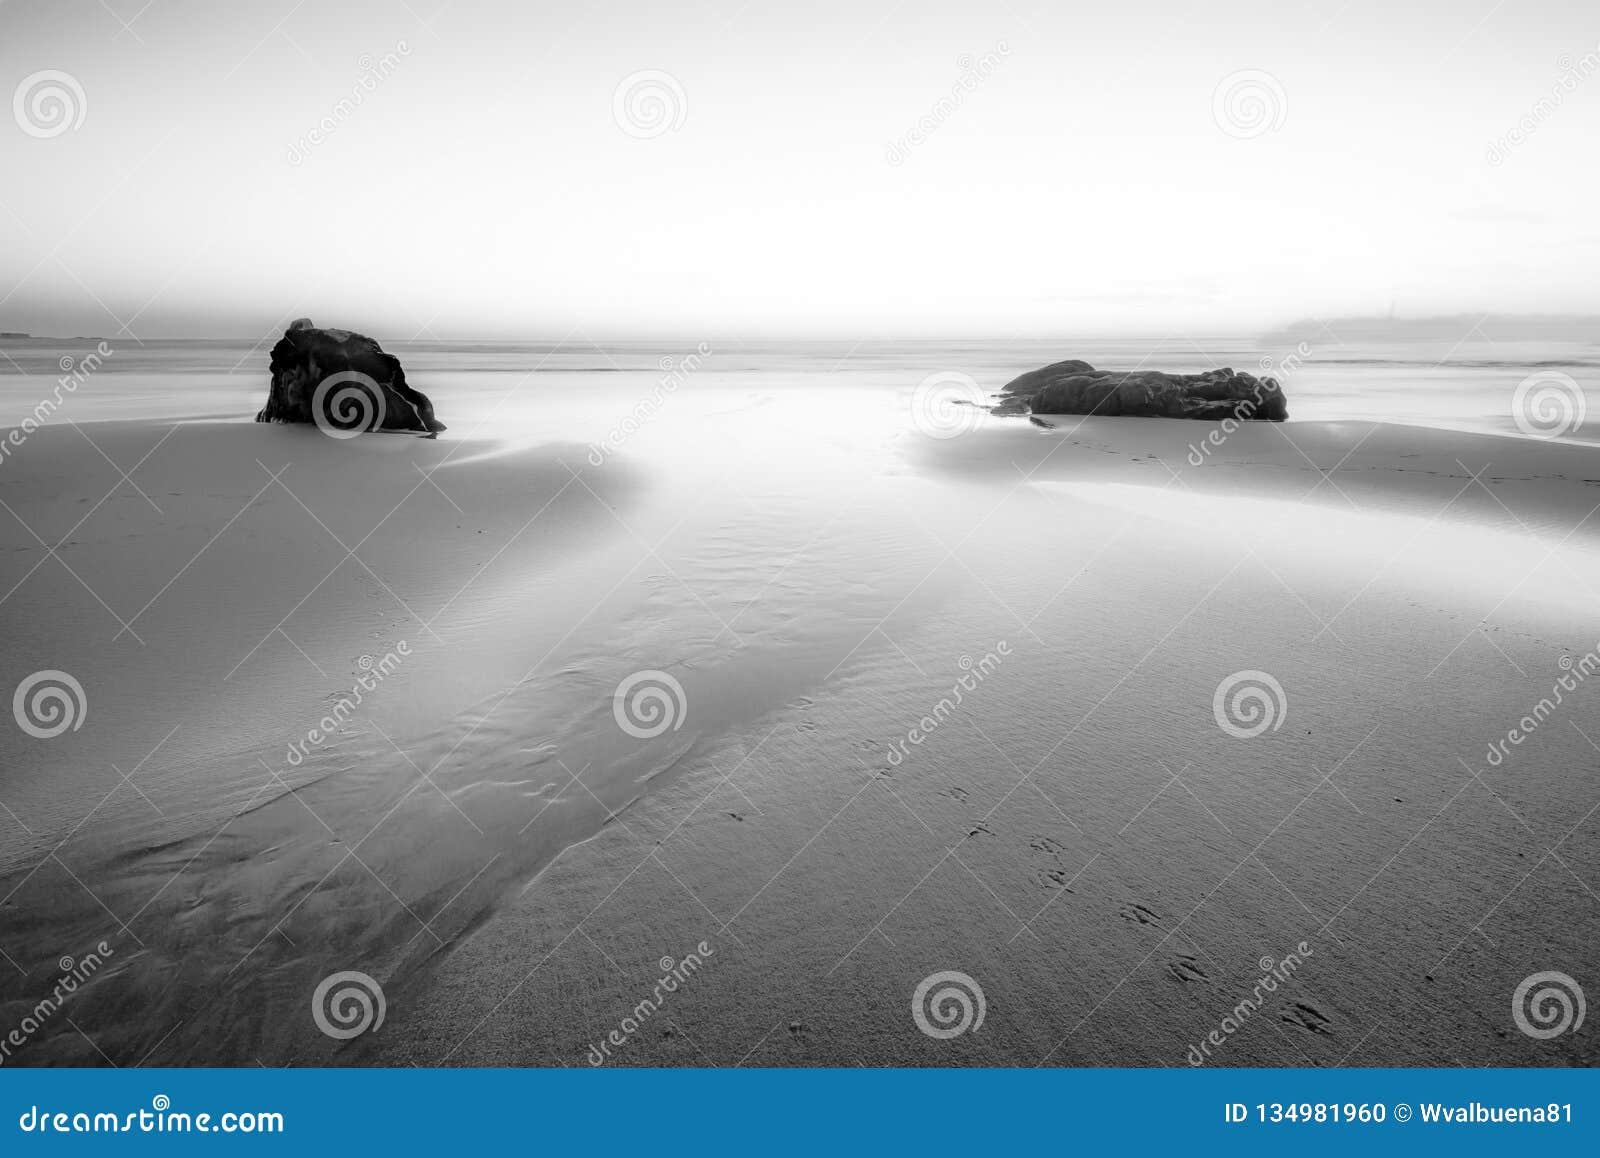 Sogno della scena in bianco e nero di vista sul mare